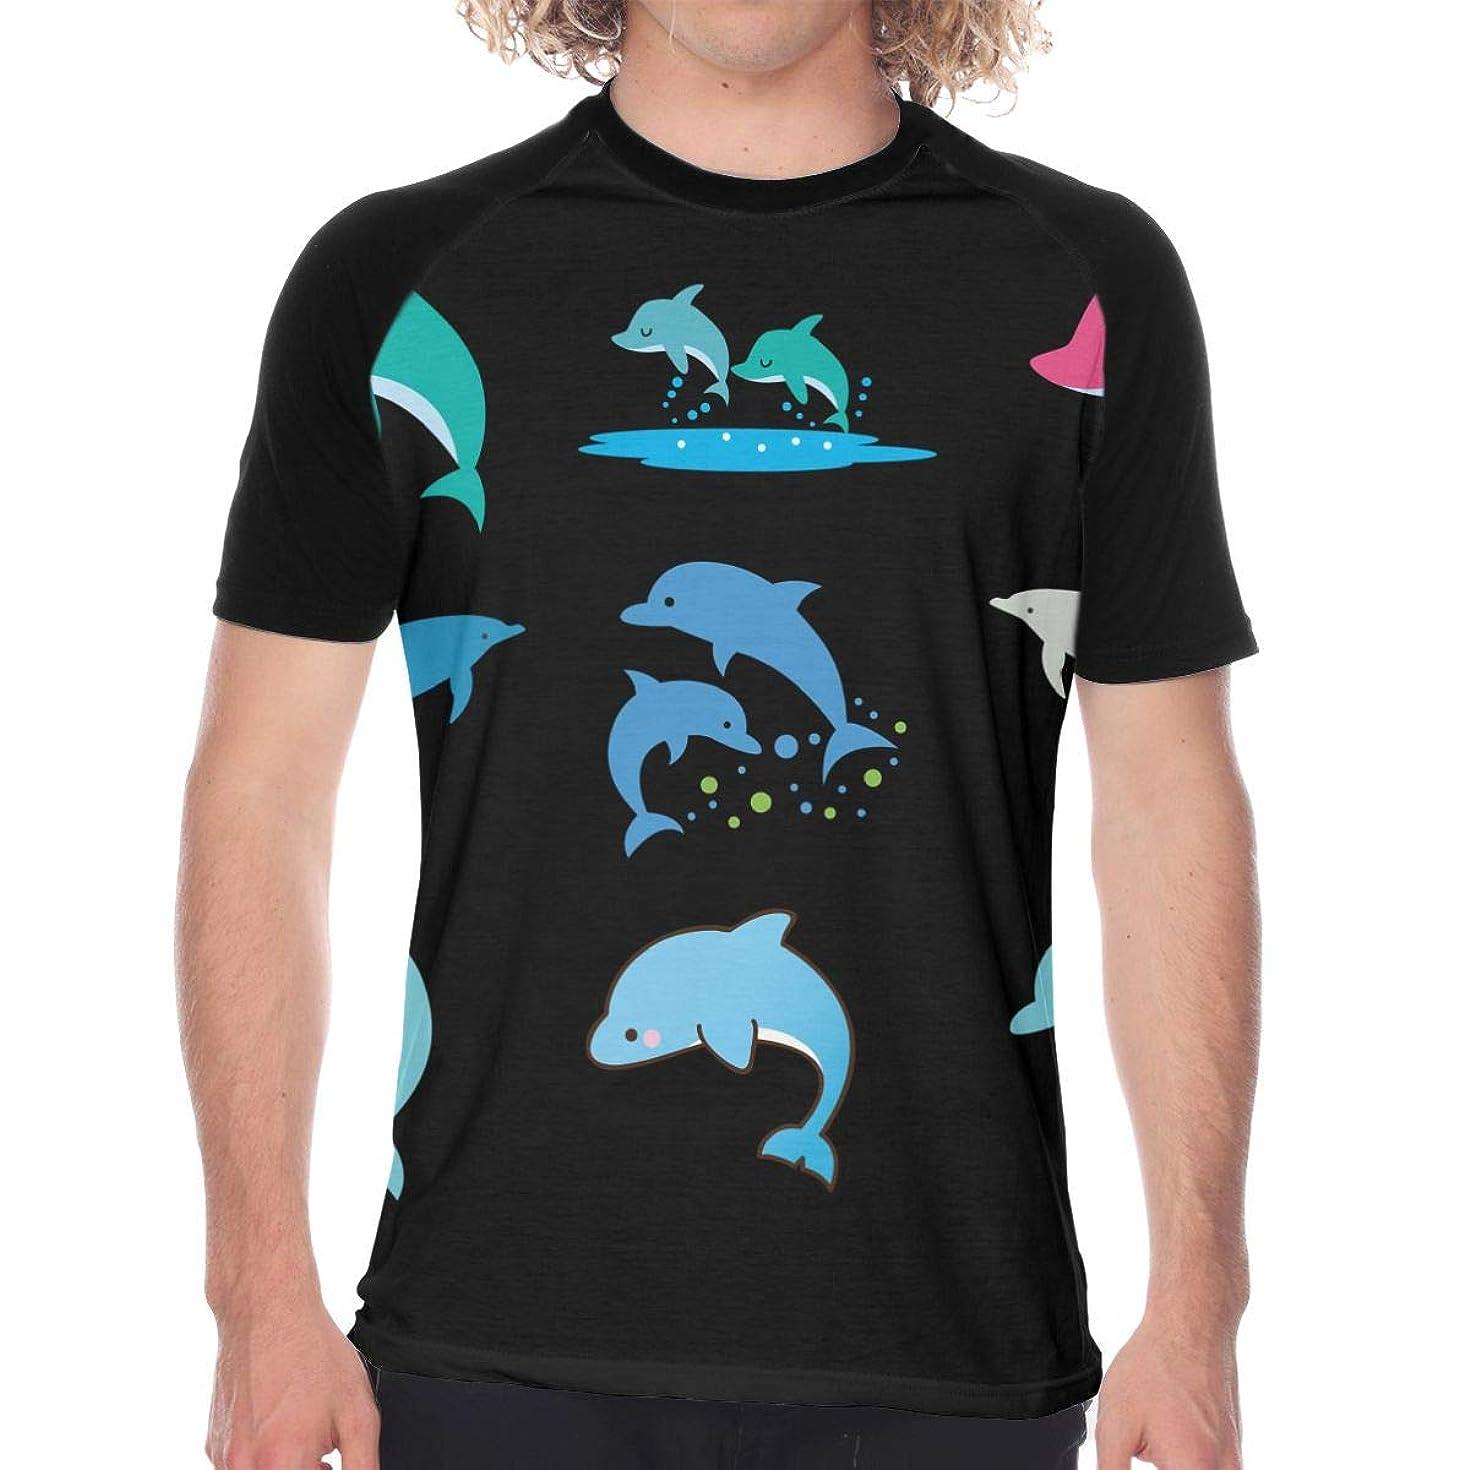 後エキス出発するシャチ家族のワイシャツ メンズ シャツ 半袖 薄手 カットソー カジュアル トップス オリジナル プリント シンプル ファッション